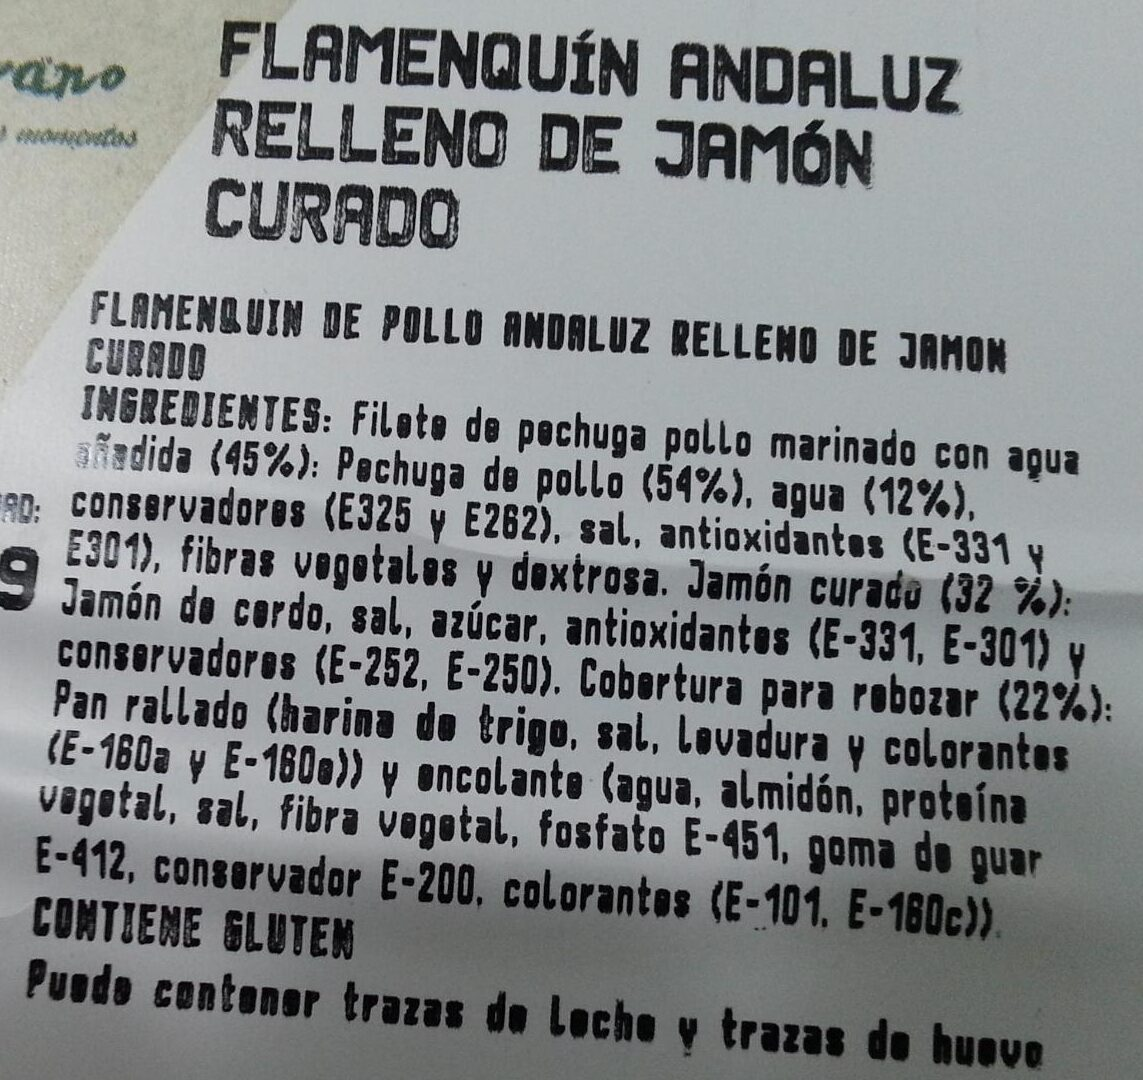 Flamenquín andaluz relleno de jamón curado - Ingrédients - es